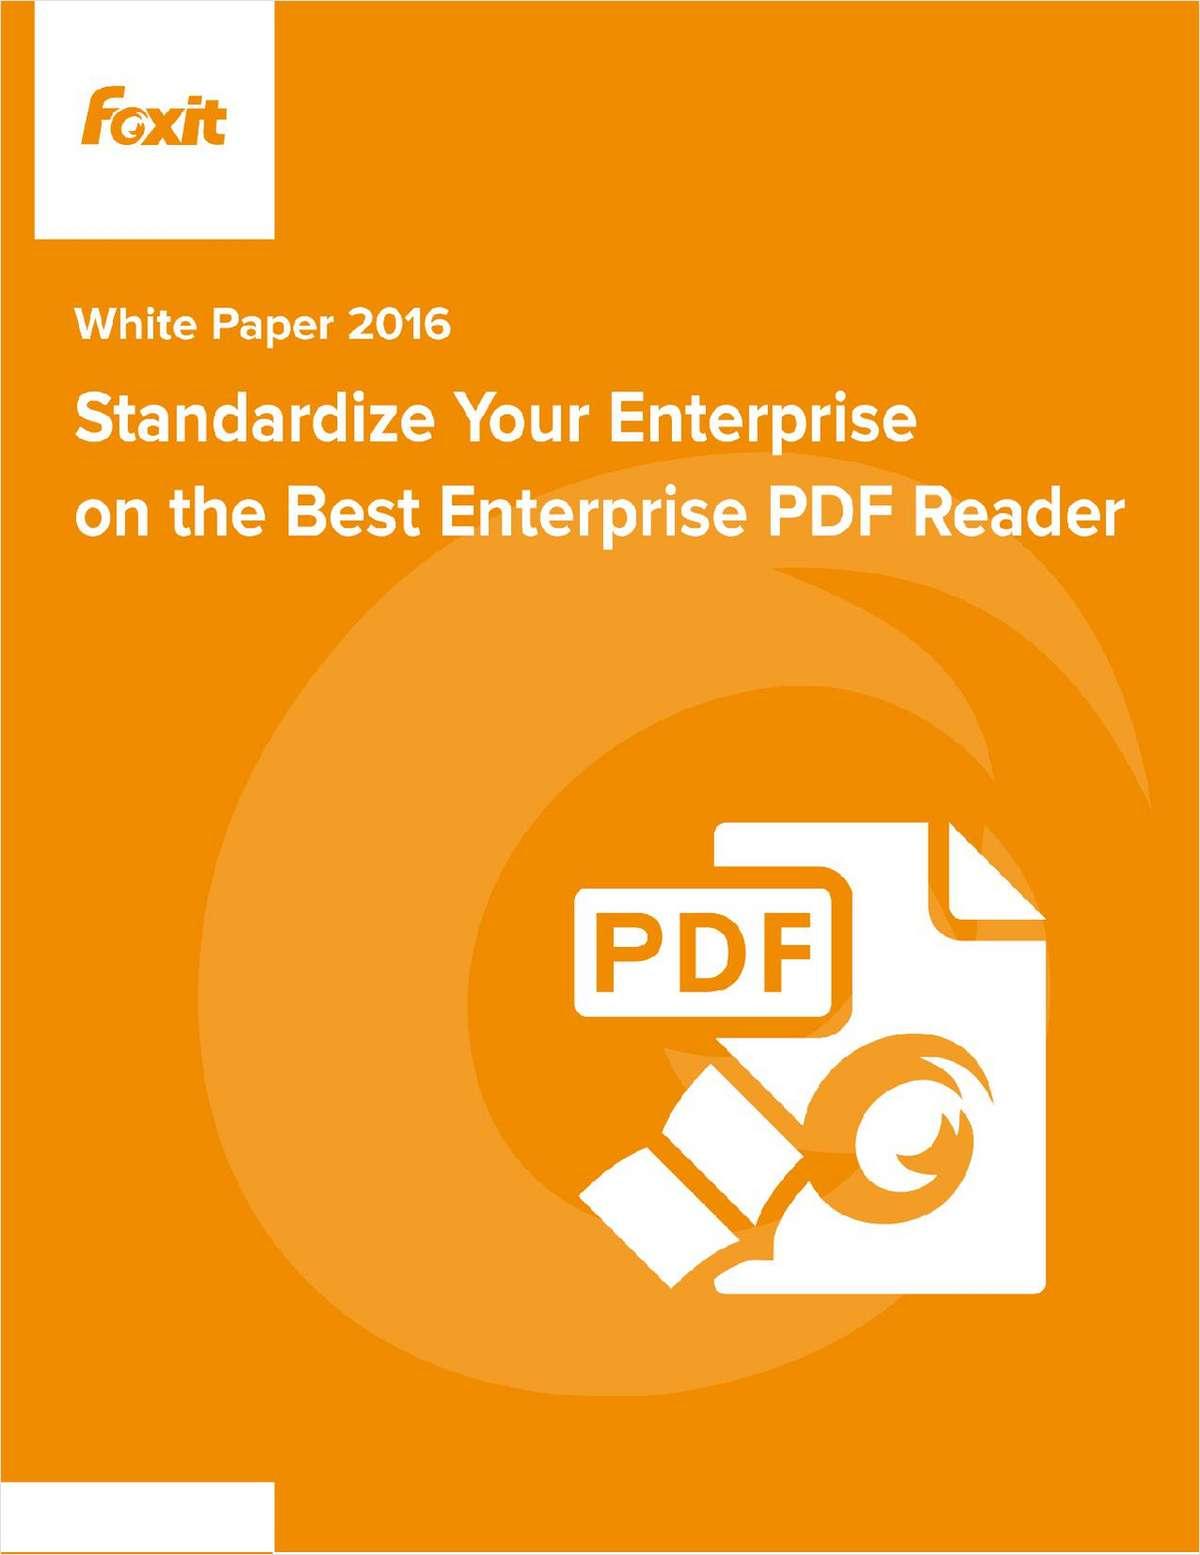 Standardize Your Enterprise on the Best PDF Reader